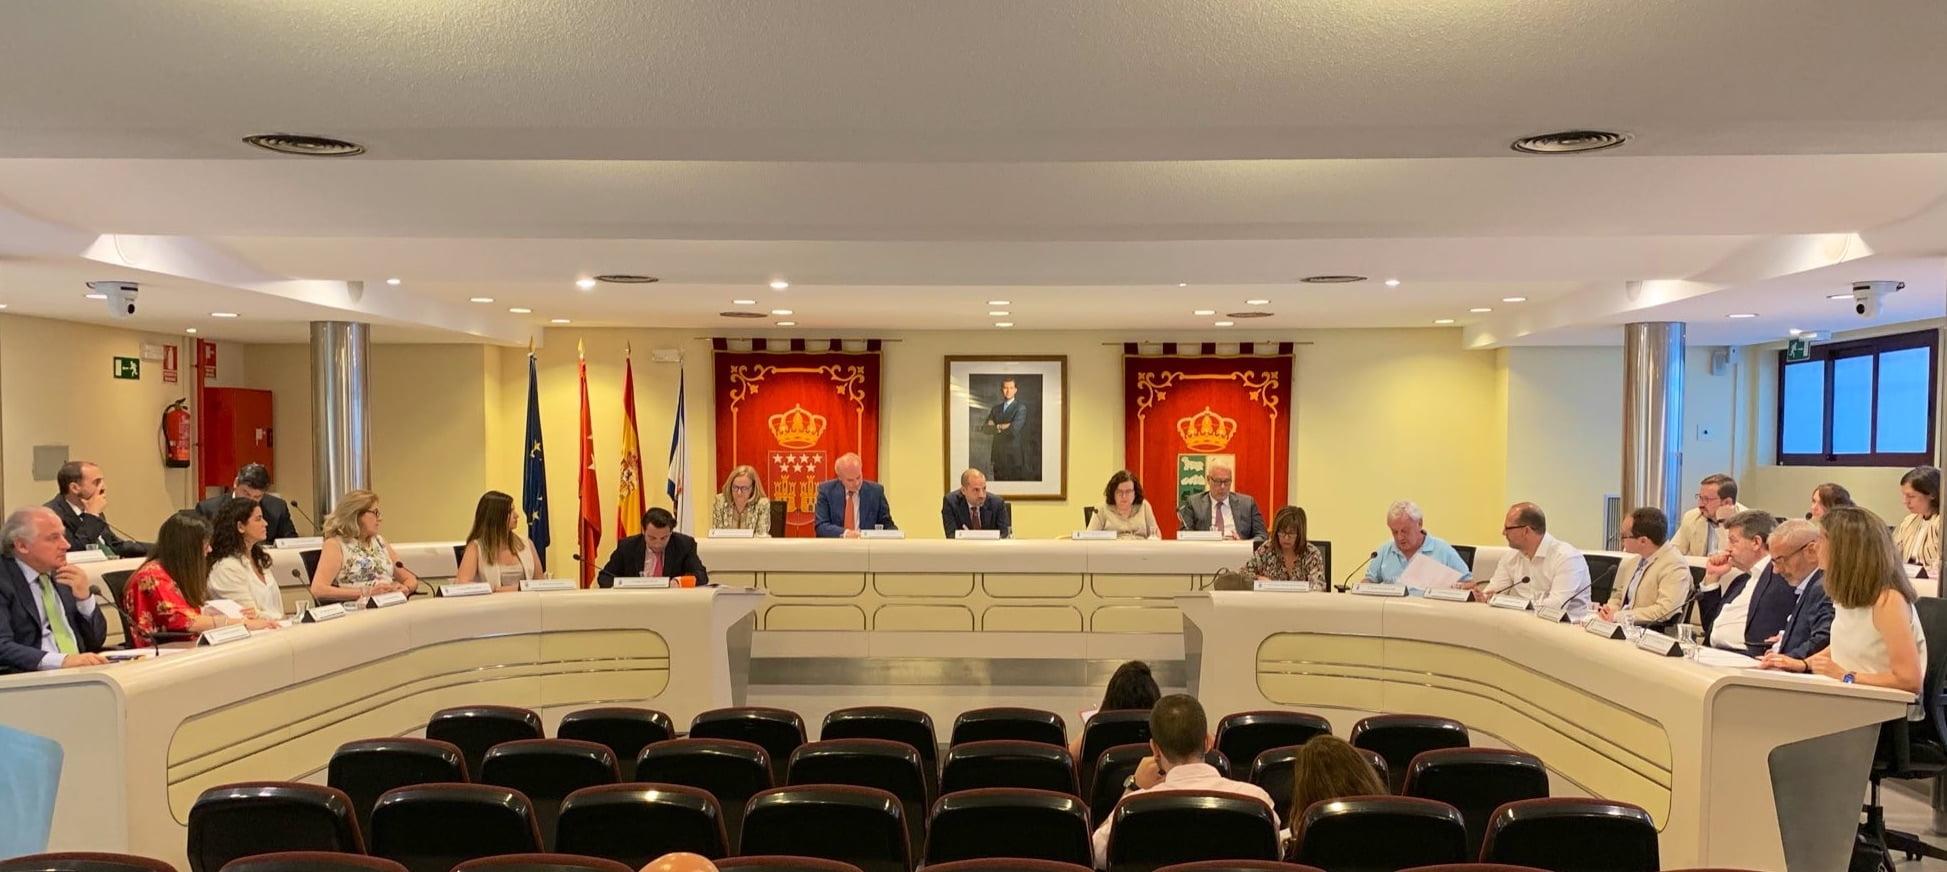 Pleno del Ayuntamiento de Majadahonda: subida de sueldos, cesión de parcelas municipales y debate económico